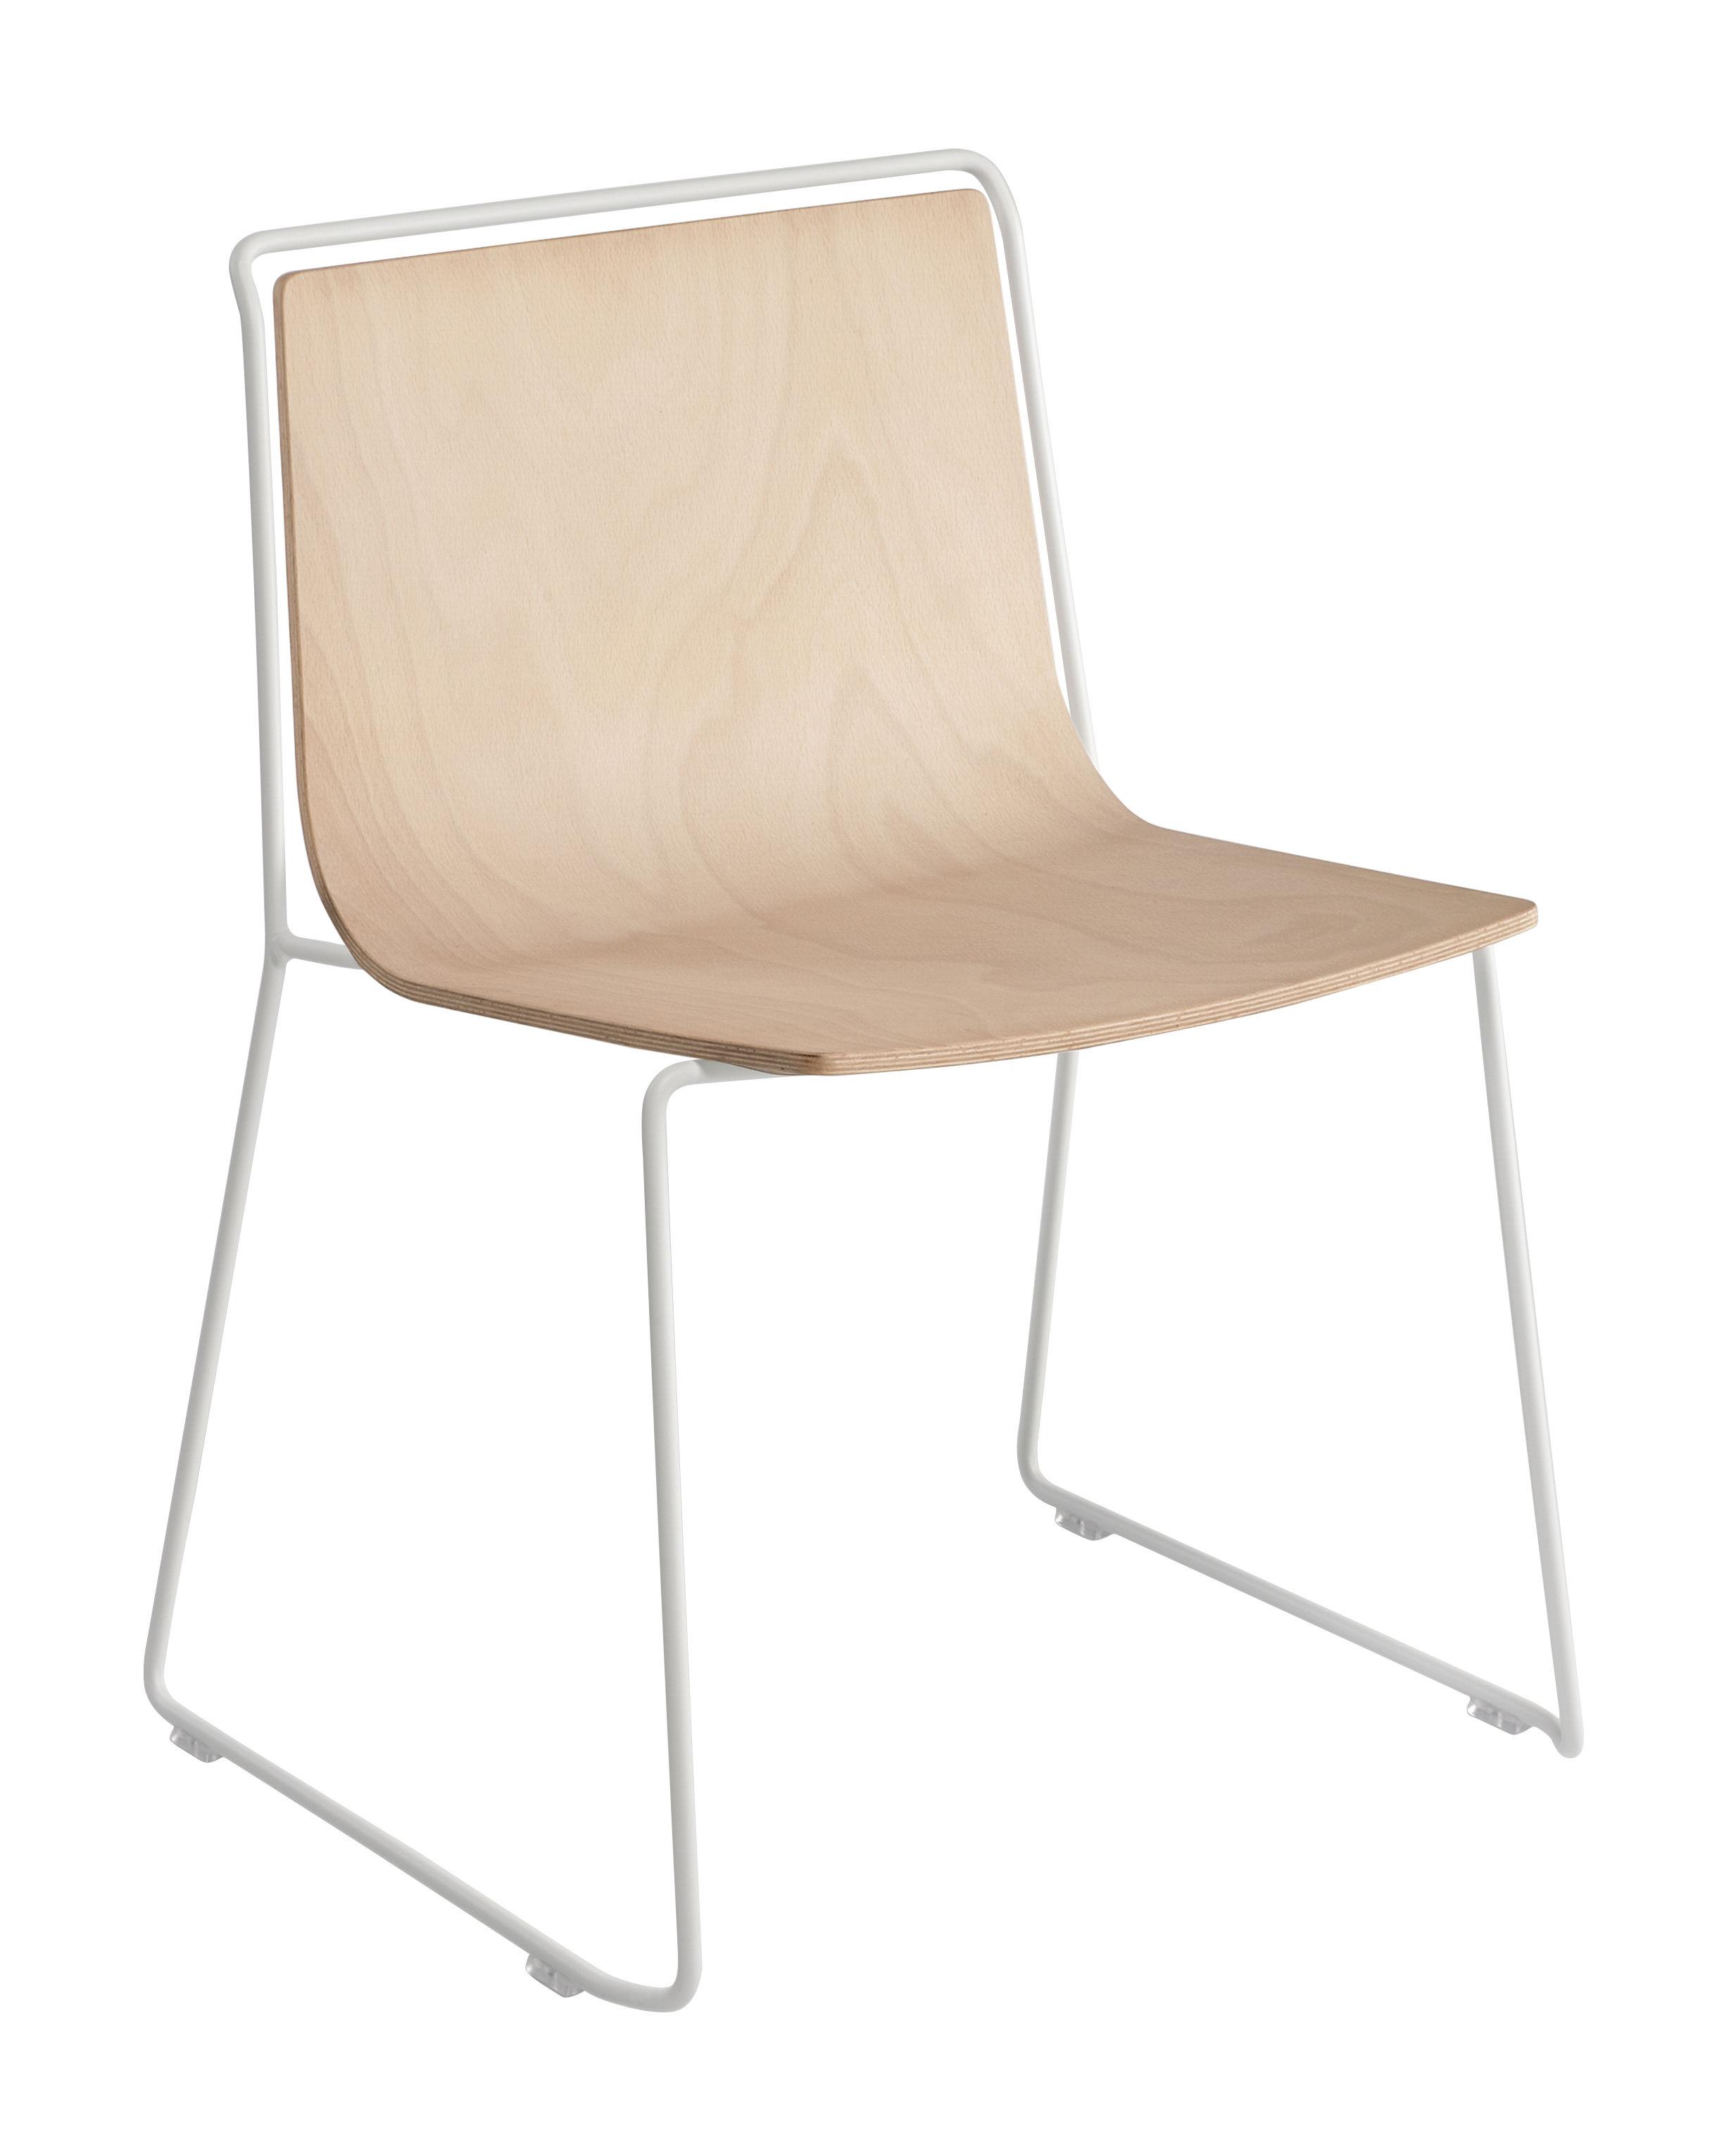 Chaise alo coque stratifi bois structure blanche - Chaise coque blanche ...